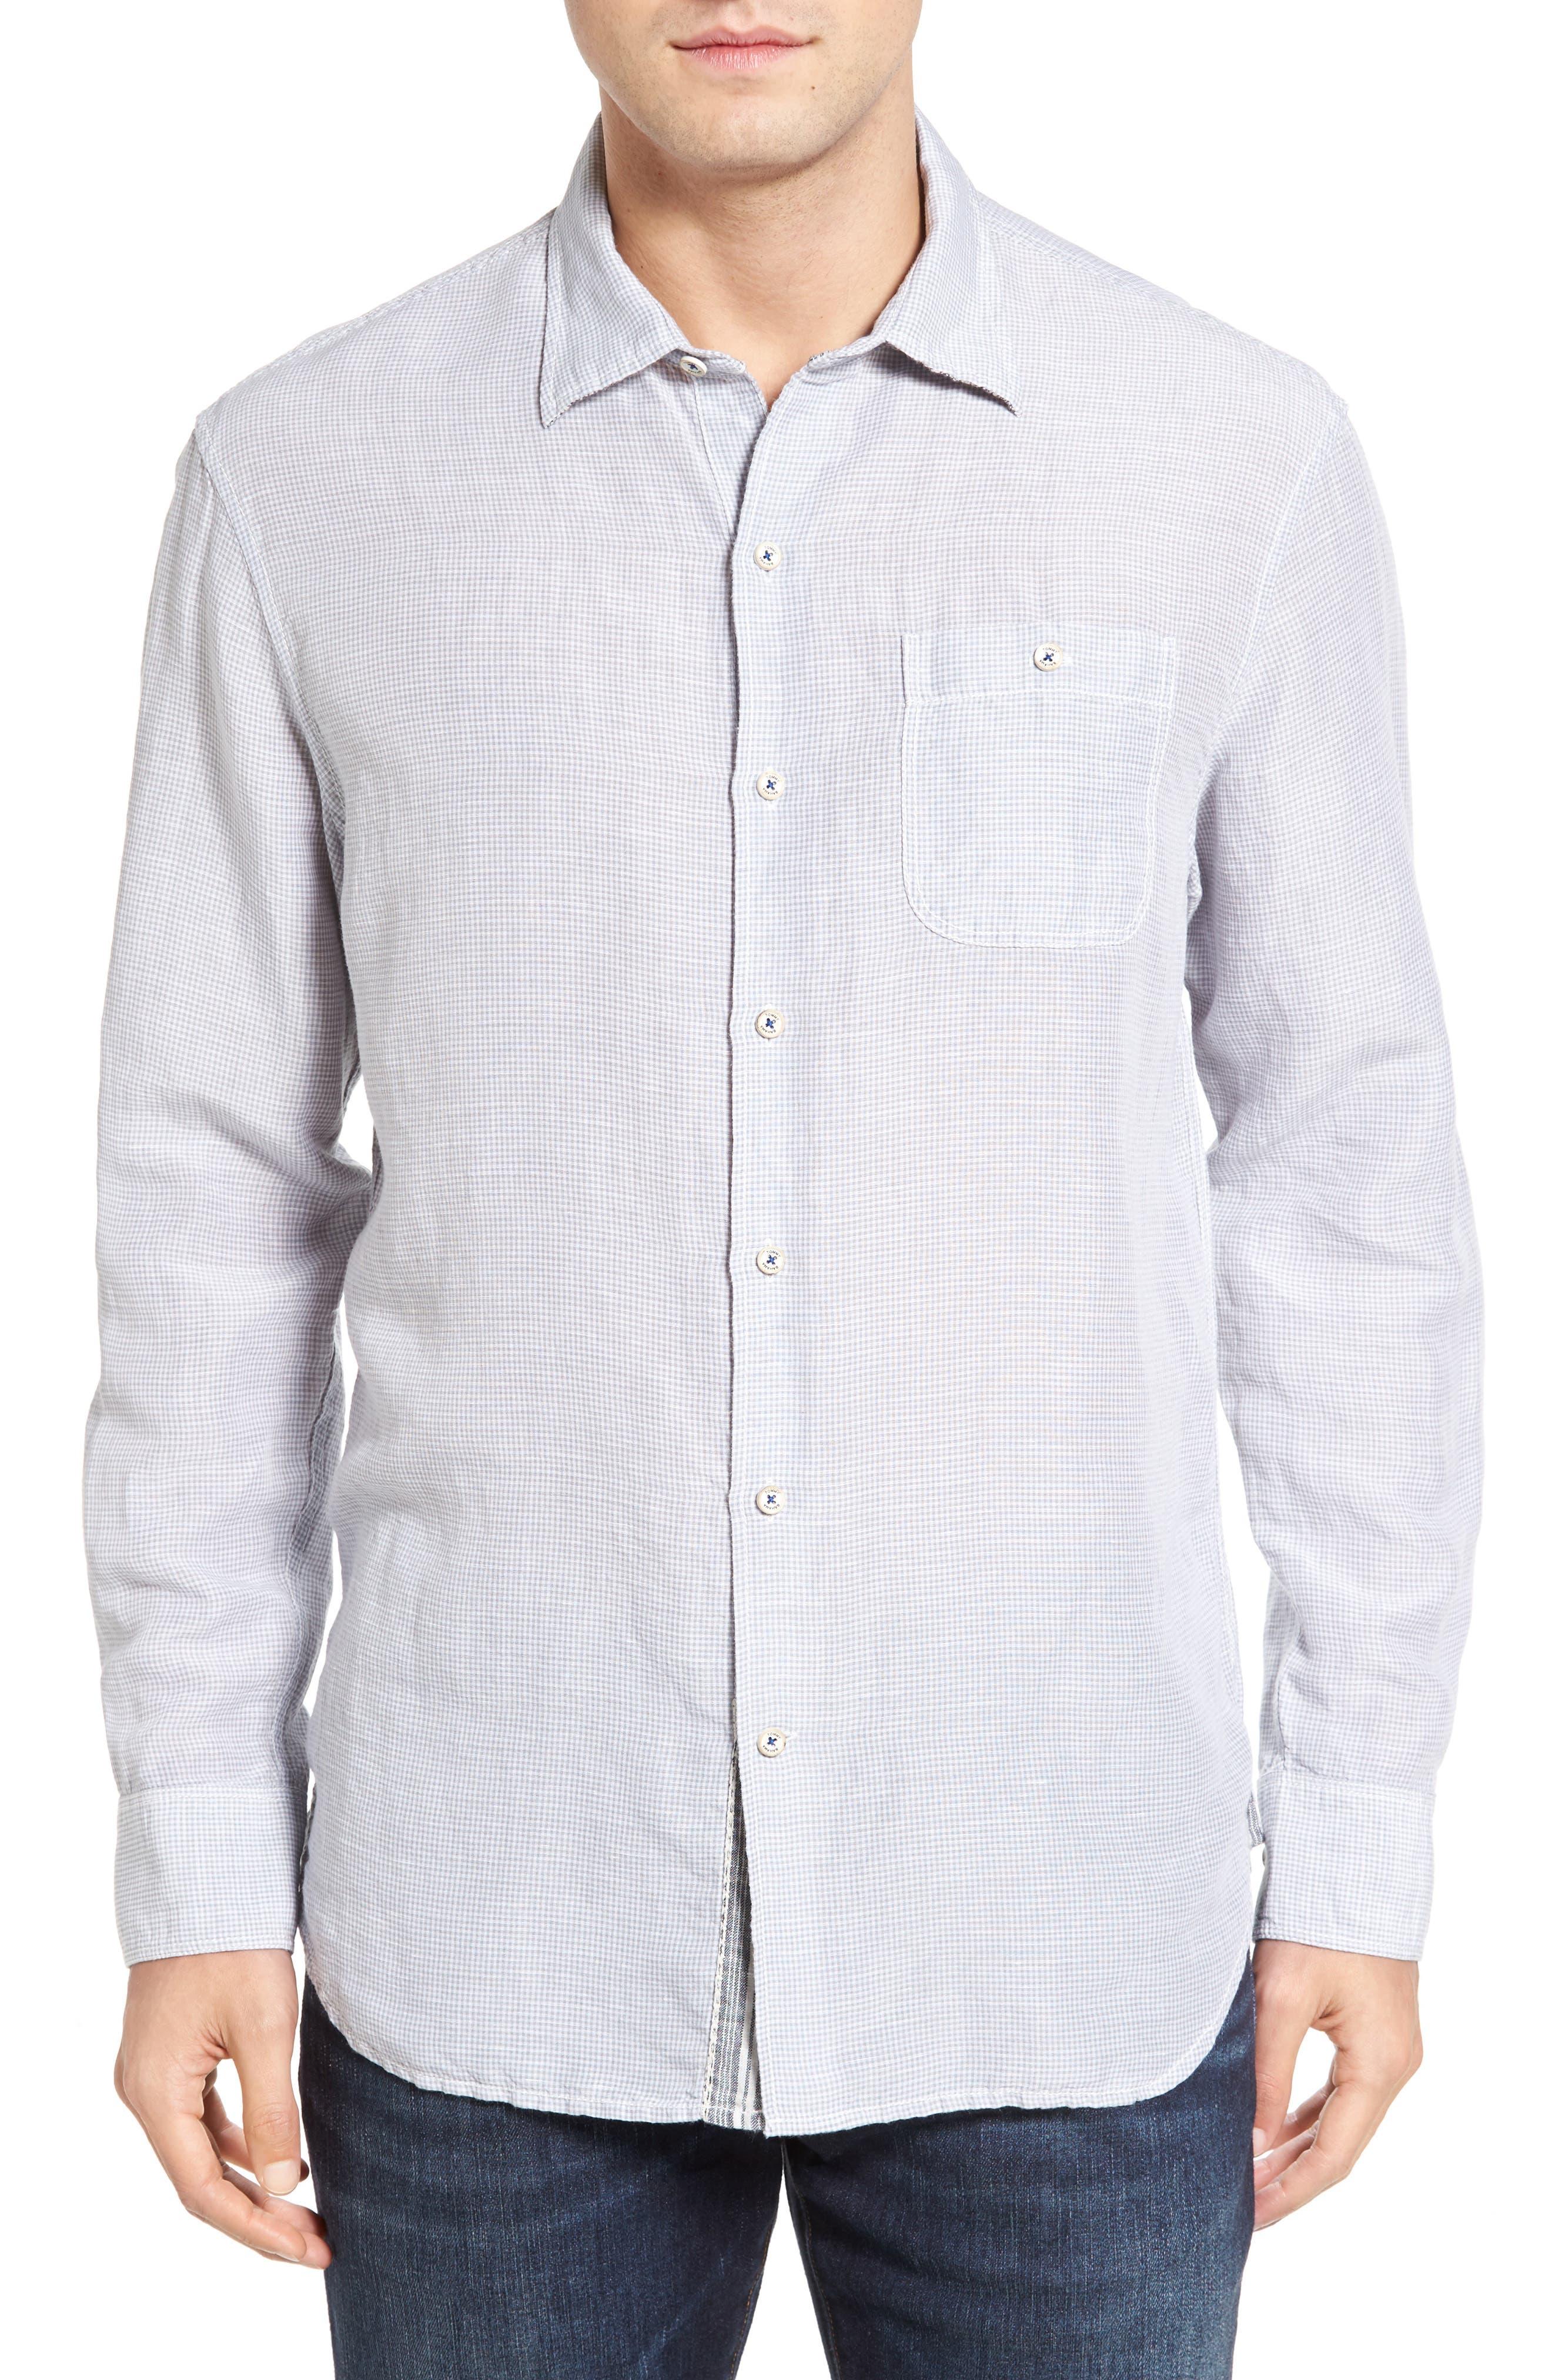 Sand Linen Island Modern Fit Sport Shirt,                             Main thumbnail 1, color,                             050